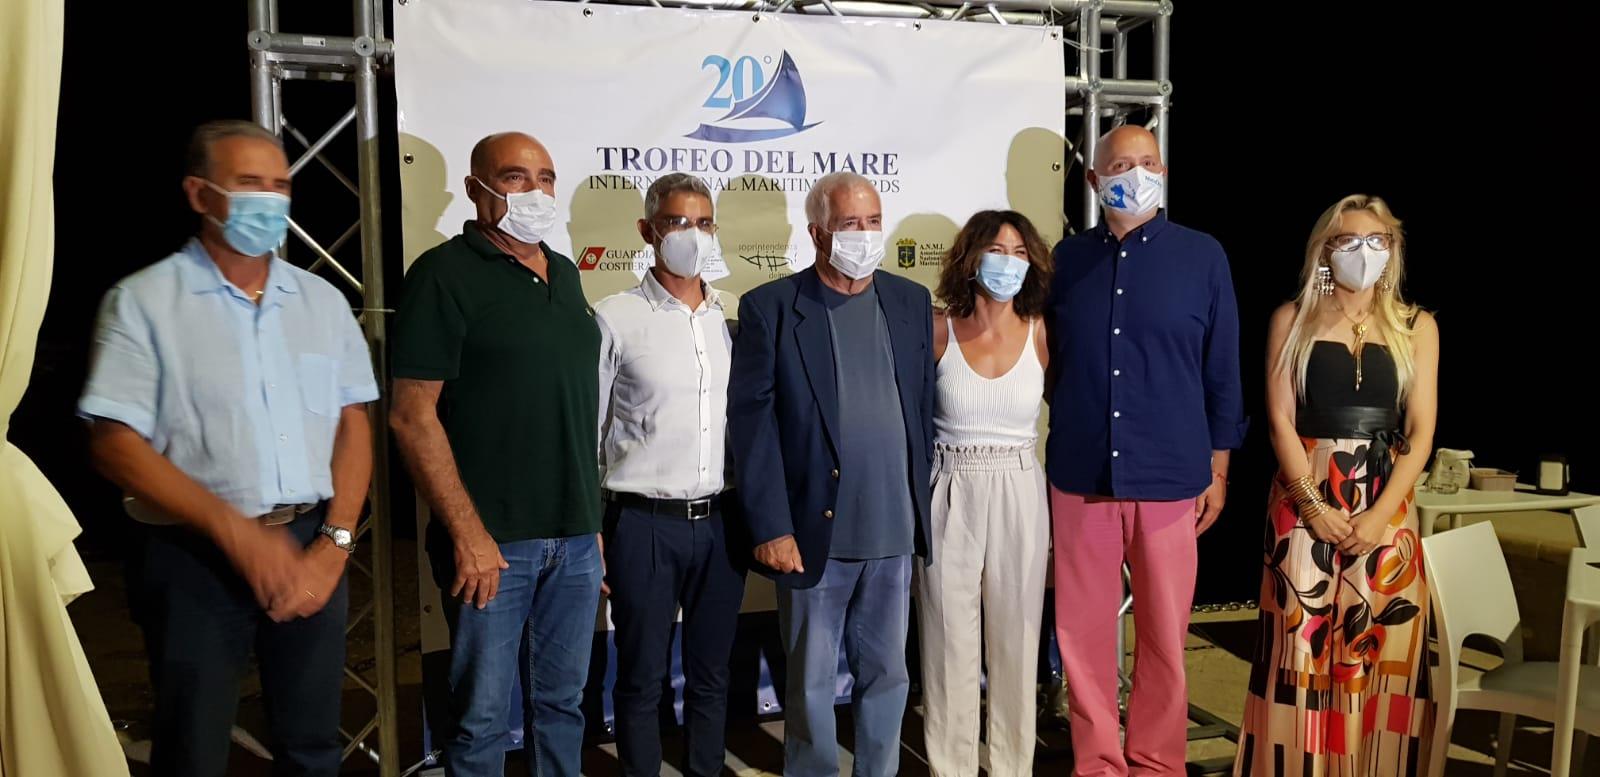 Santa Croce – I ringraziamenti del sindaco agli organizzatori del Trofeo del Mare